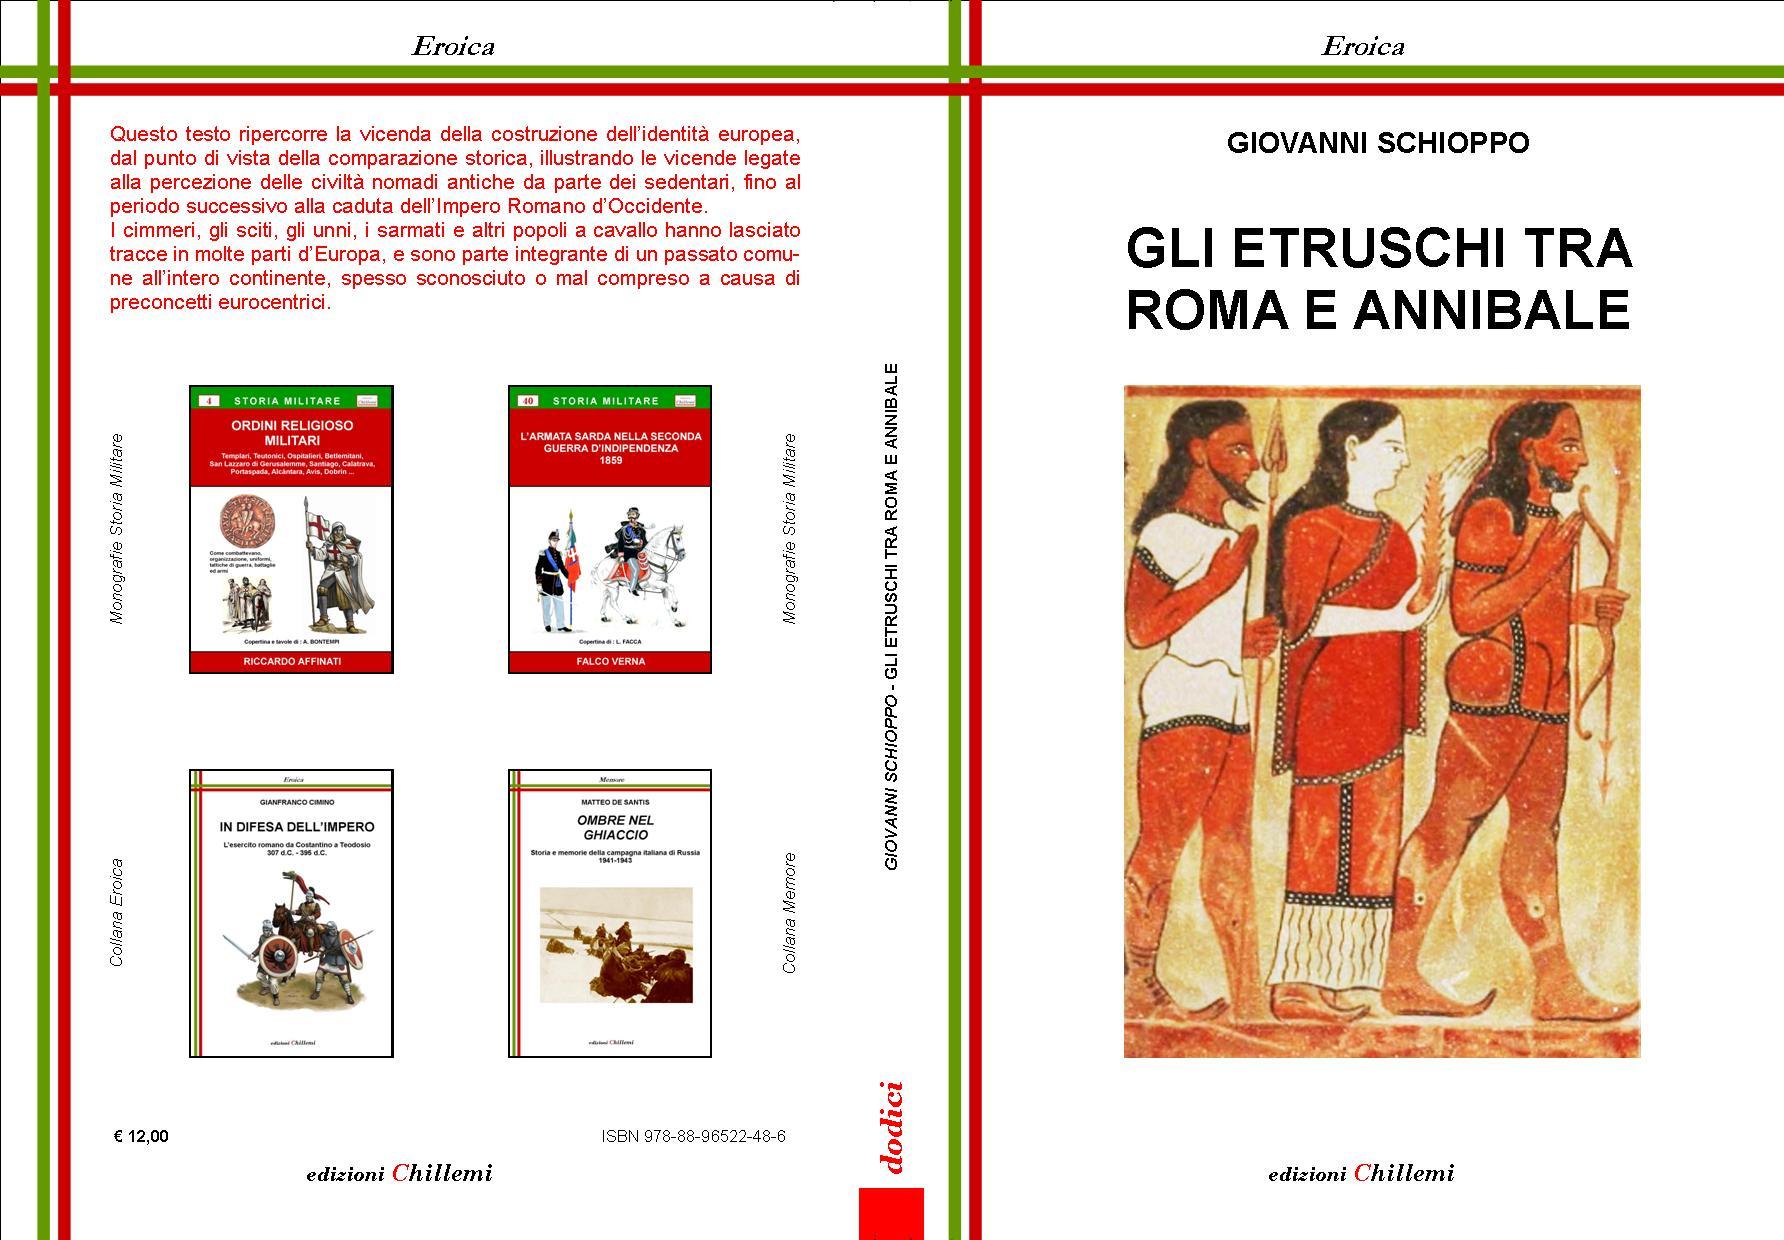 Gli Etruschi tra Roma e Annibale